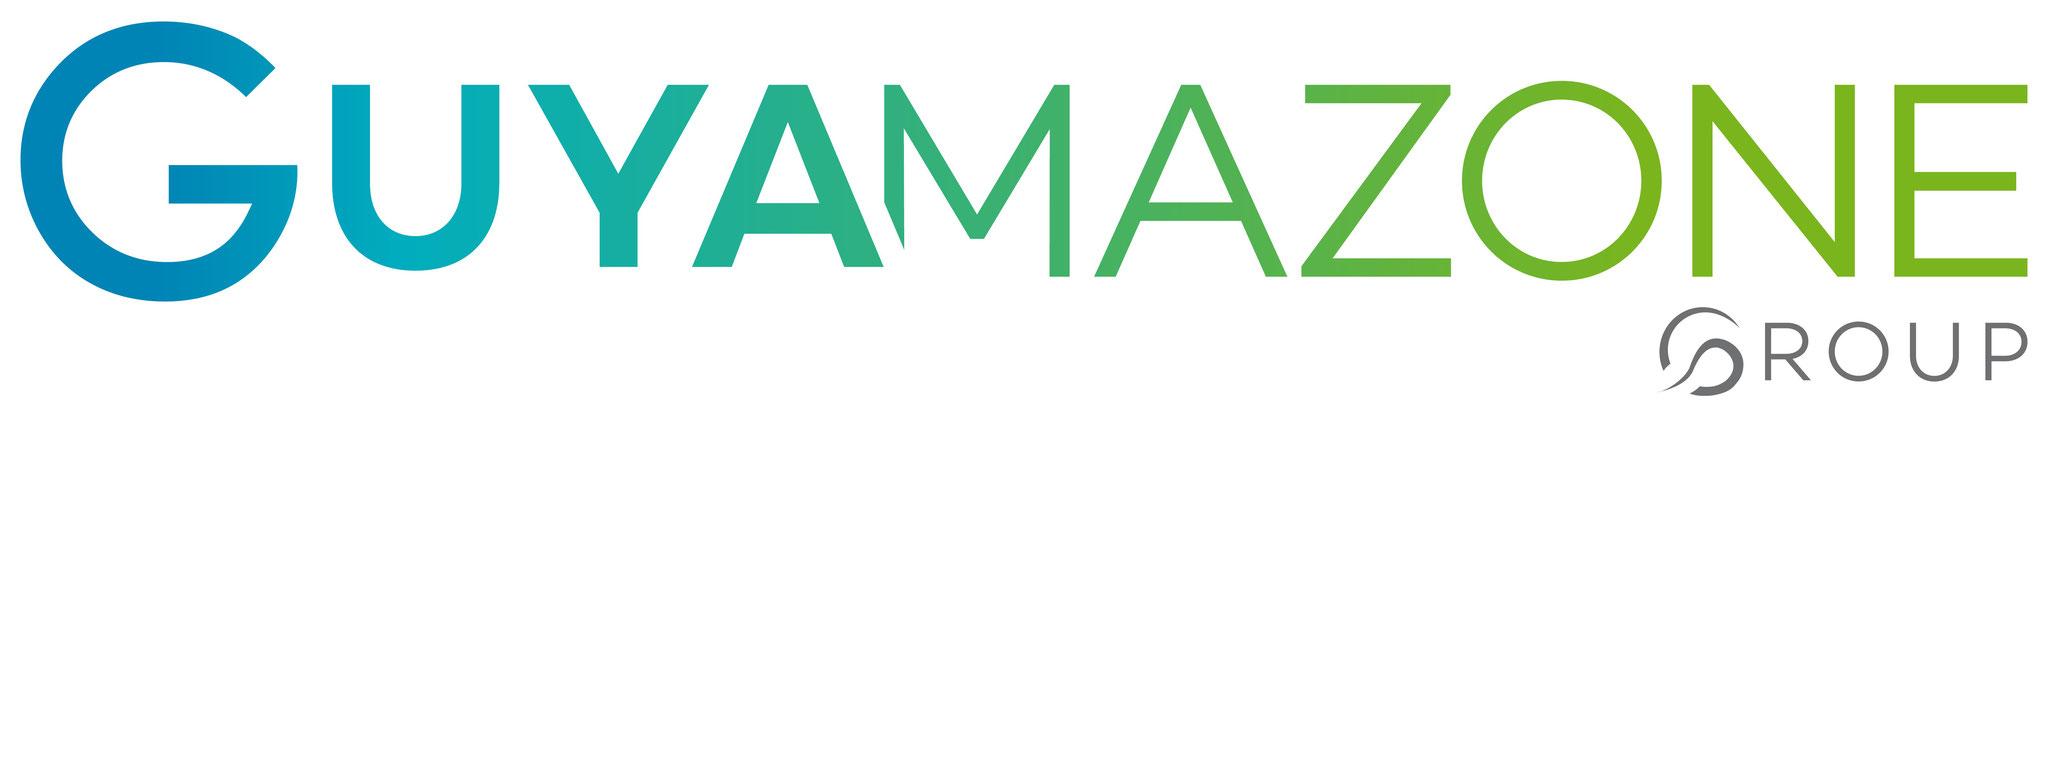 Guyamazone Group